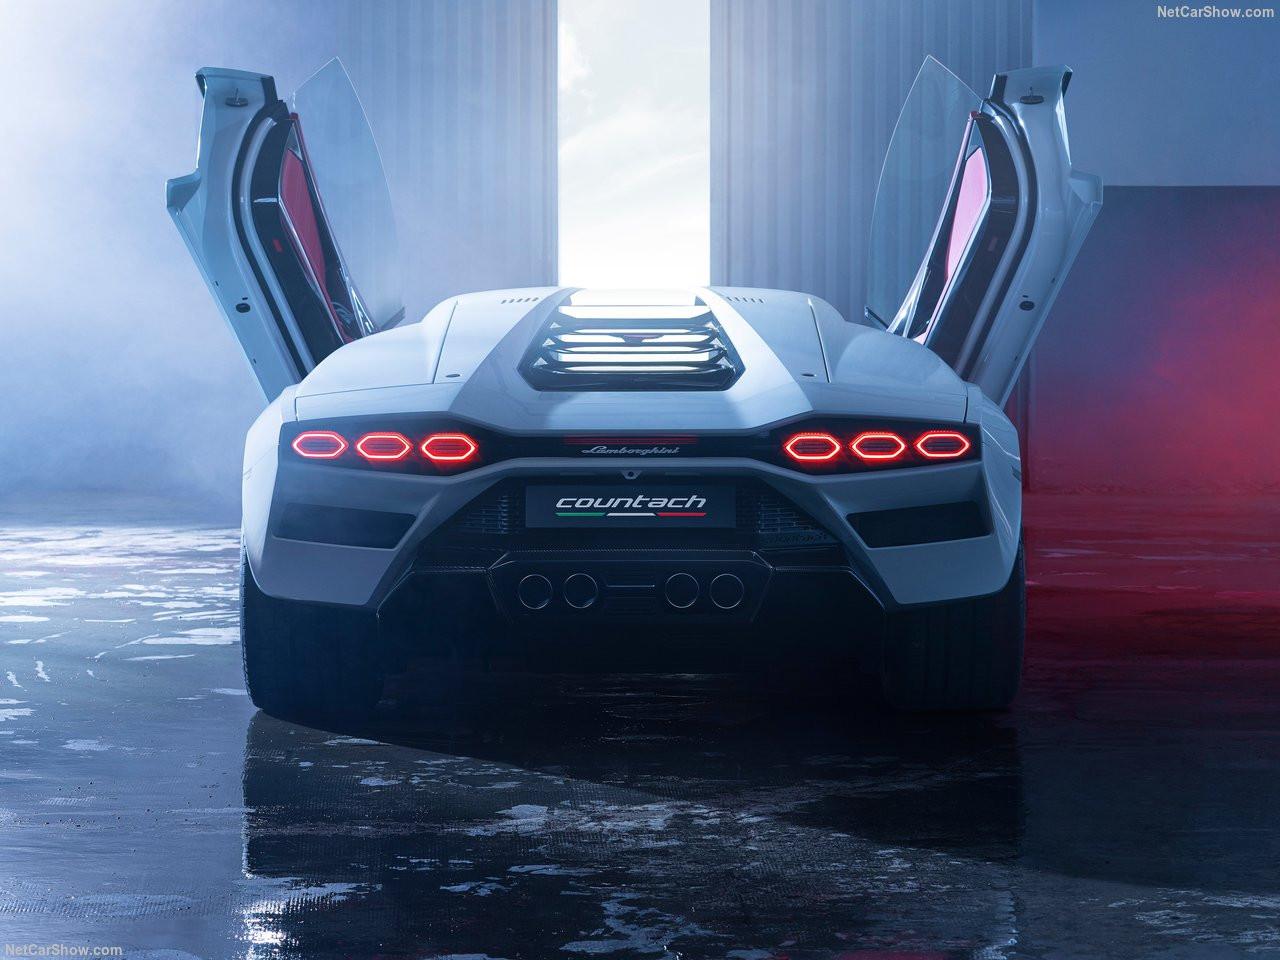 Lamborghini-Countach_LPI_800-4-2022-1280-1b.jpg